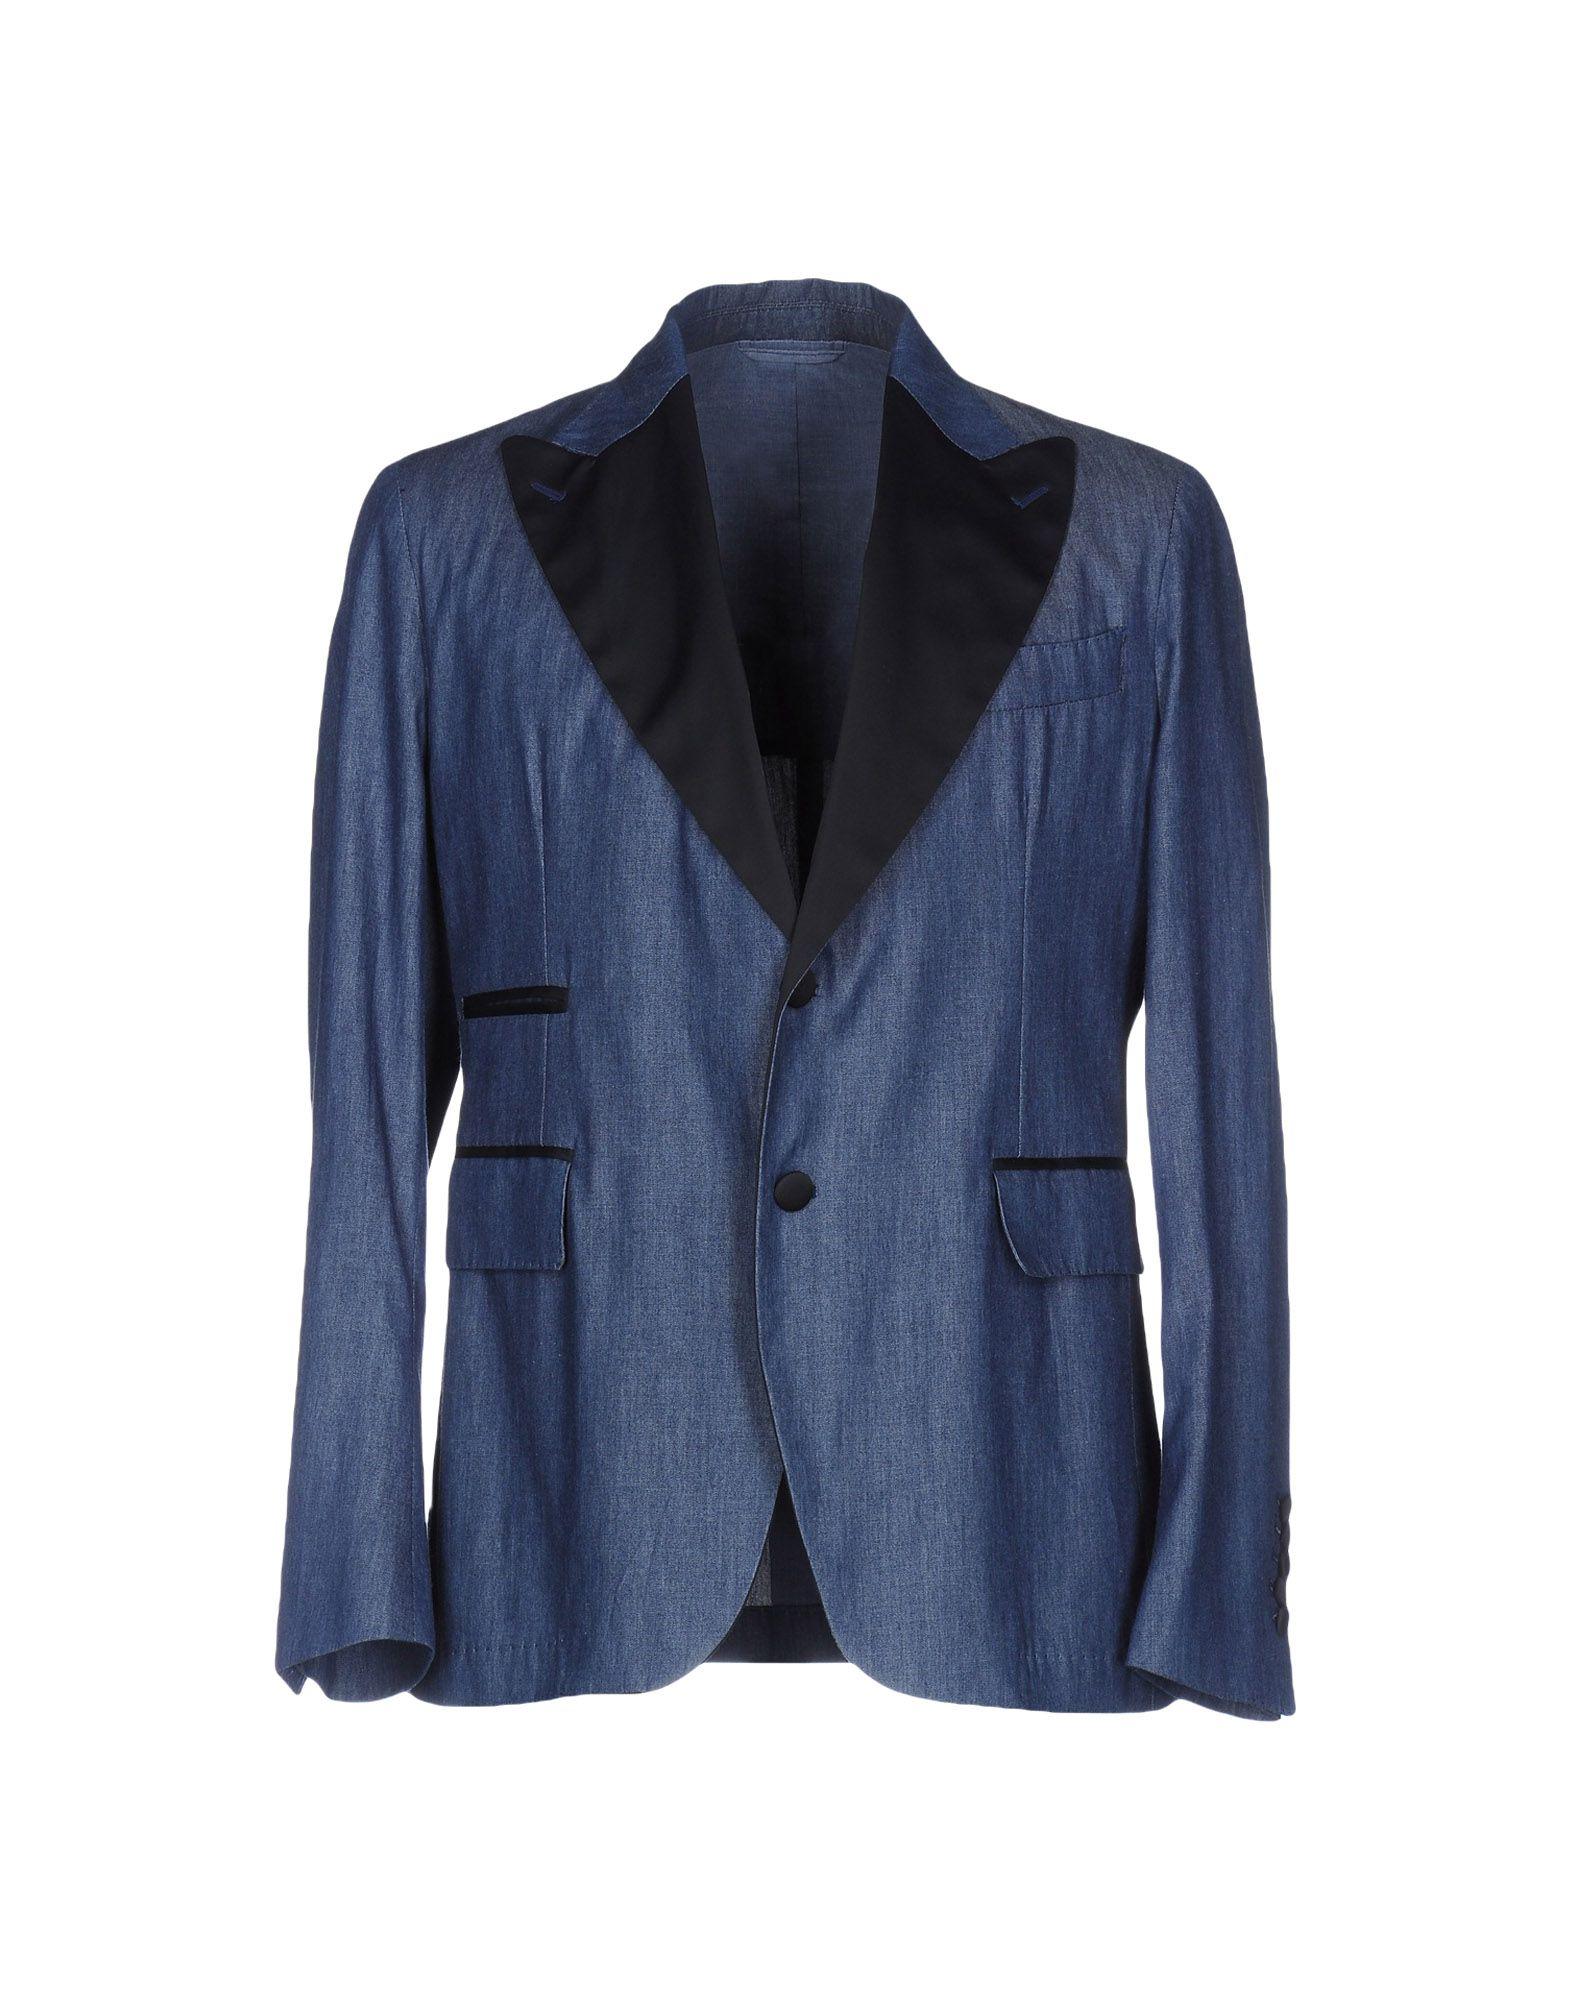 《期間限定セール開催中!》JOHN SHEEP メンズ テーラードジャケット ブルー 50 コットン 100%